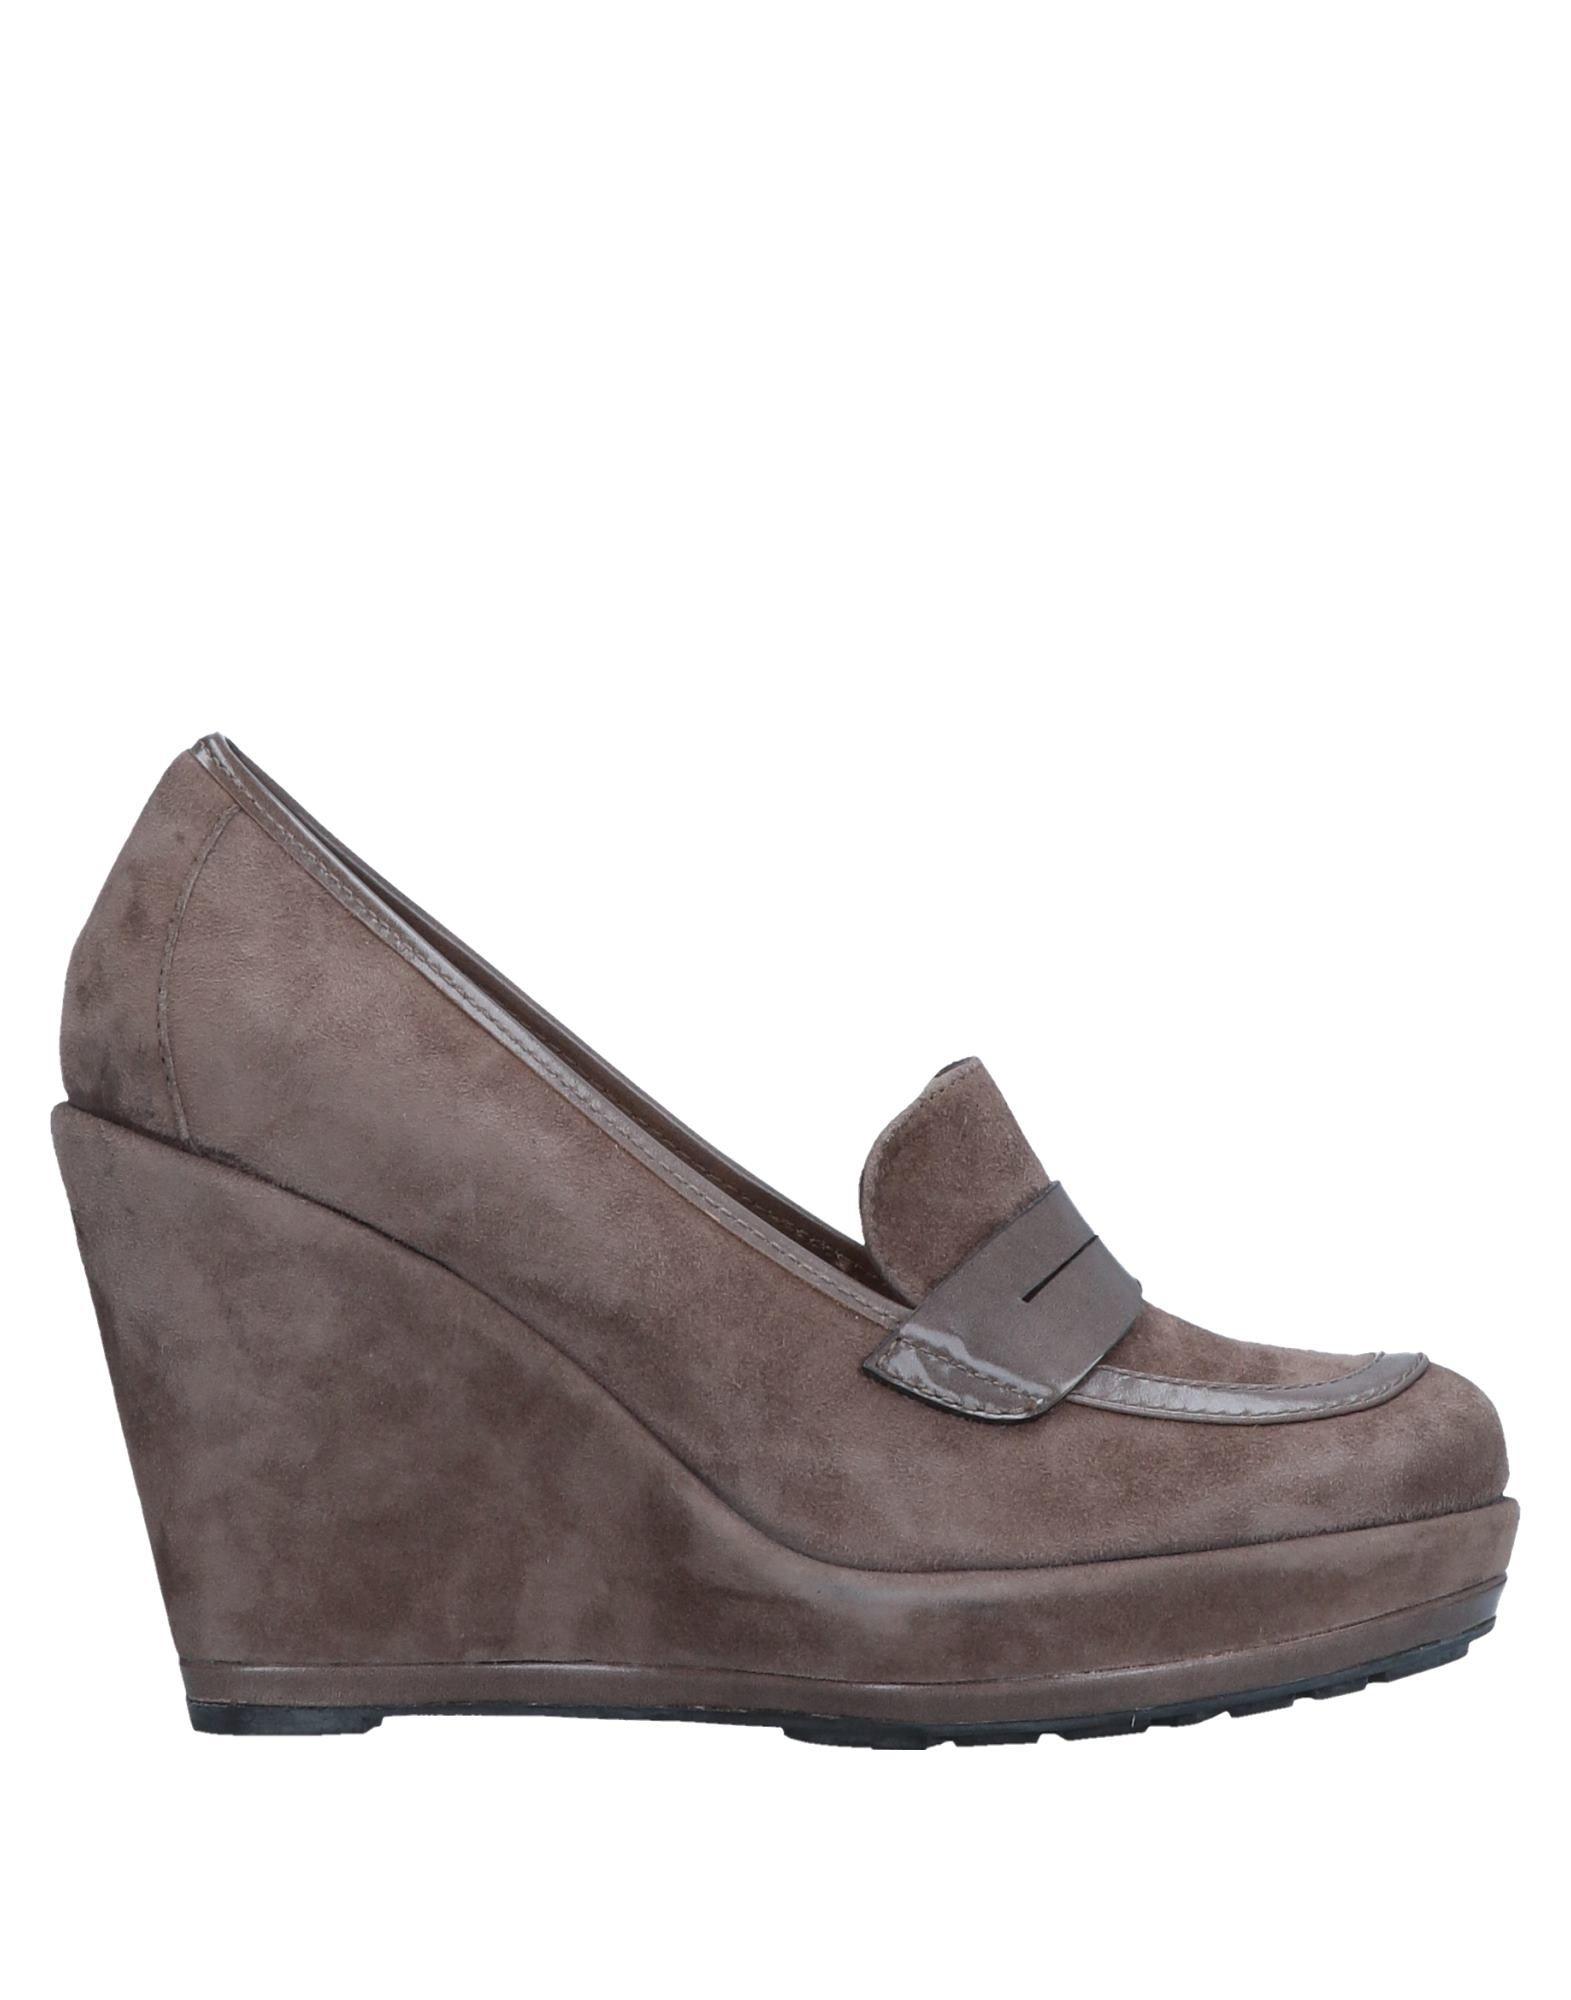 Luciano Barachini Mokassins Damen beliebte  11548622RE Gute Qualität beliebte Damen Schuhe 3650d0